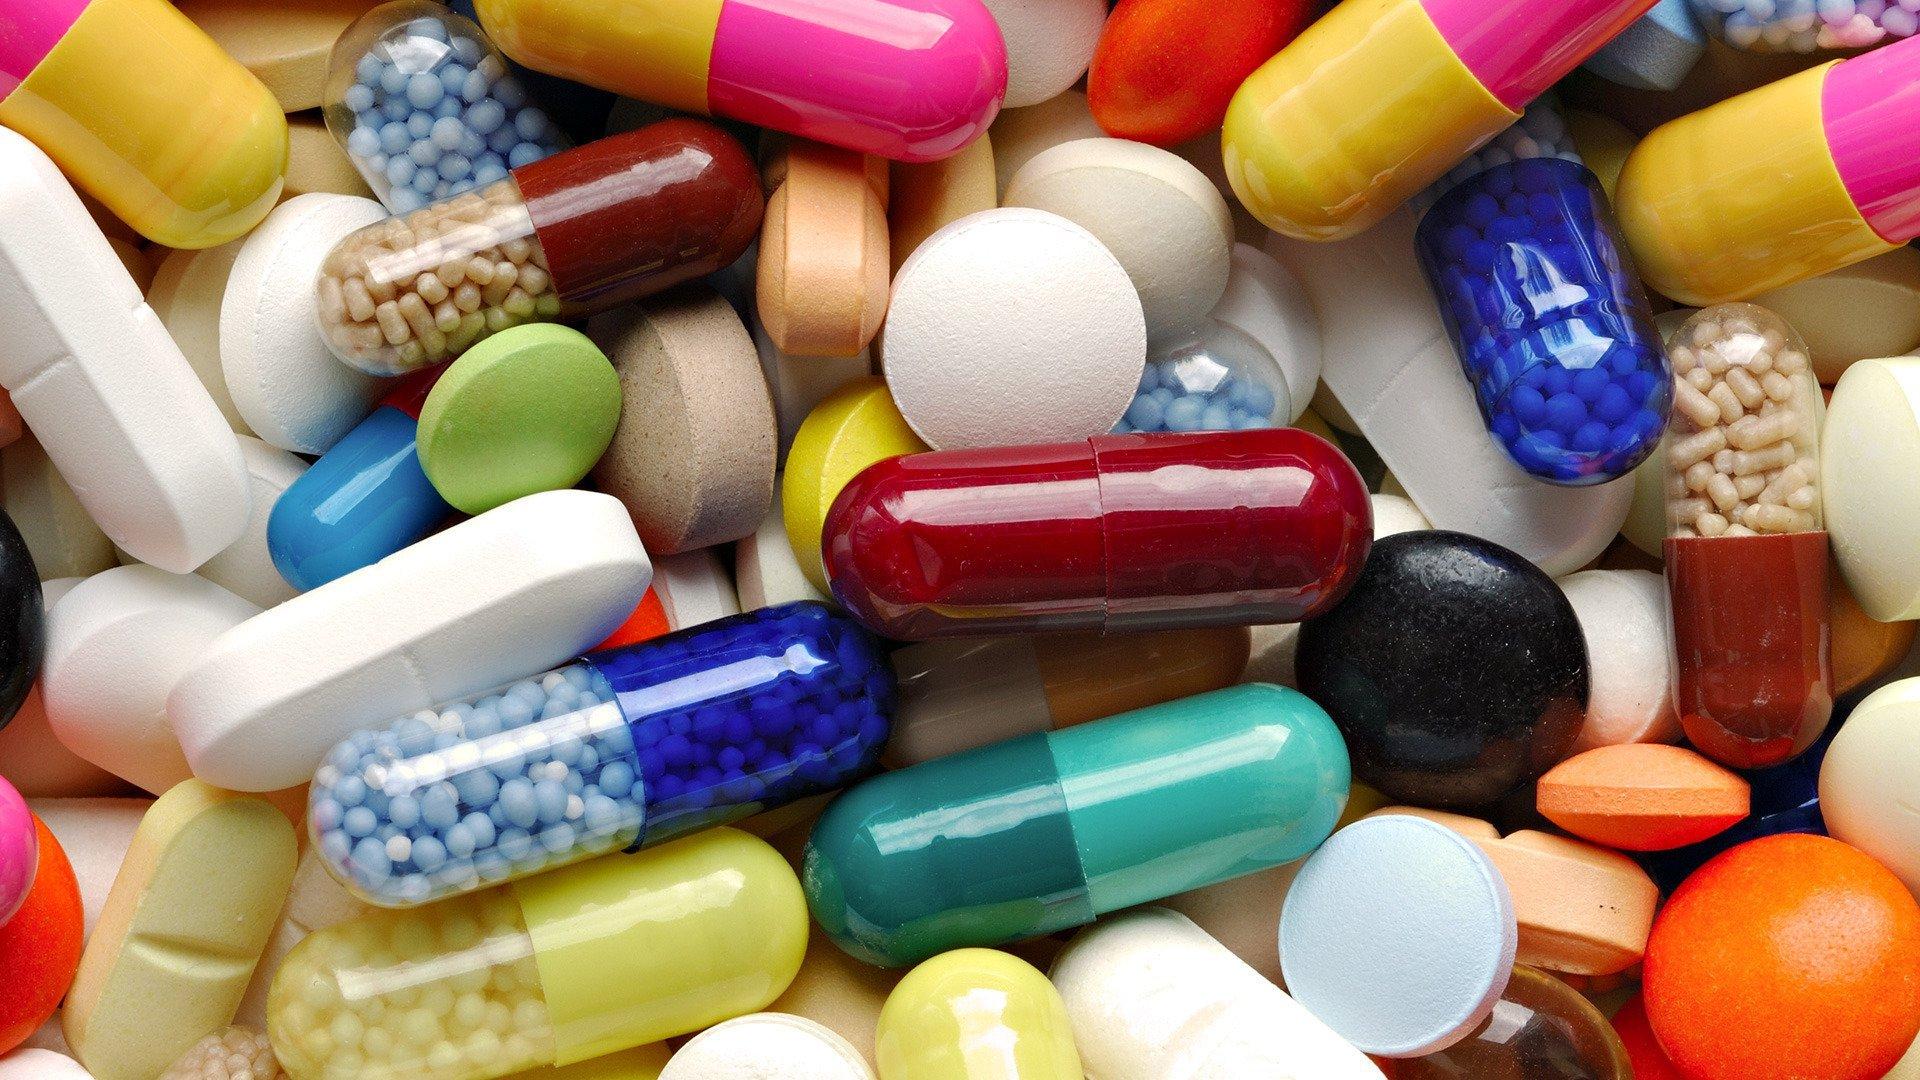 فى الدواء نقص أكثر من 1350 صنفا لعدم توافر الاعتمادات الدولارية